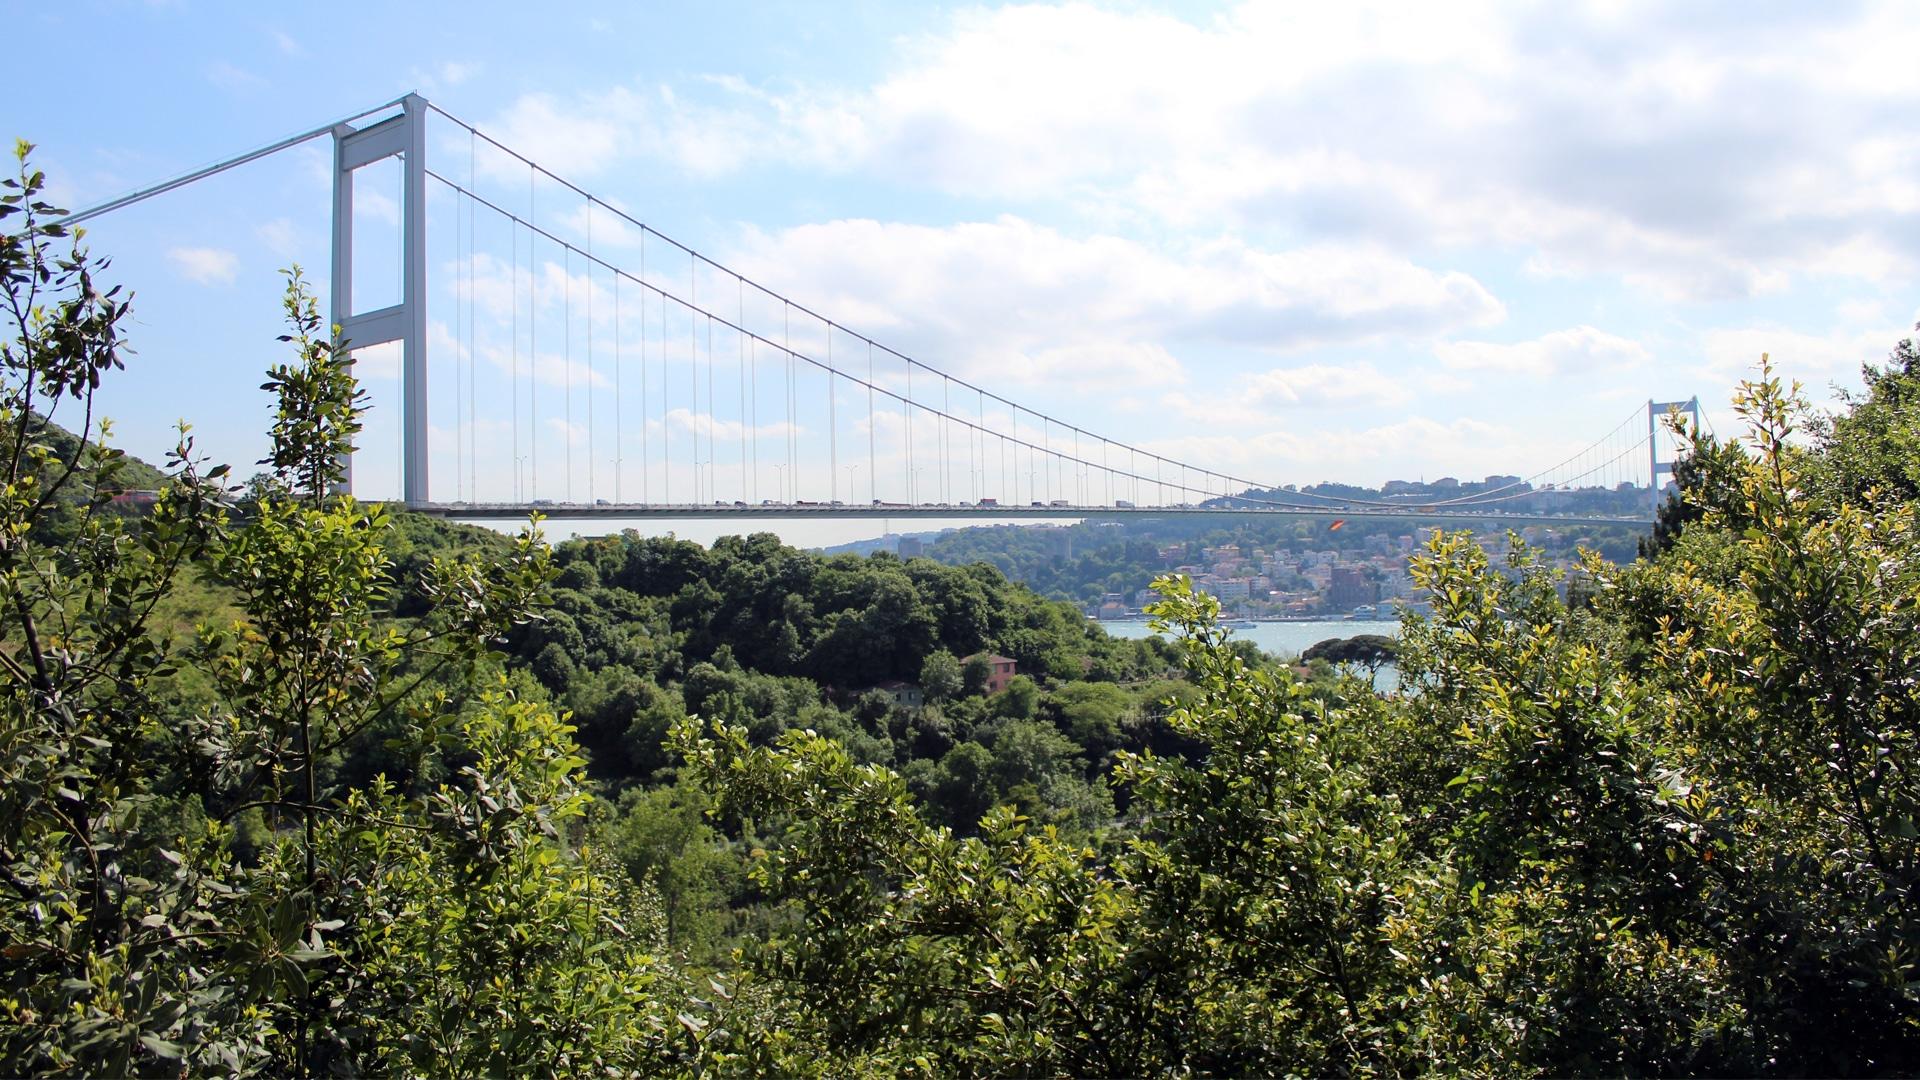 İstanbul'un En Güzel Park, Bahçe ve Mesire Alanları